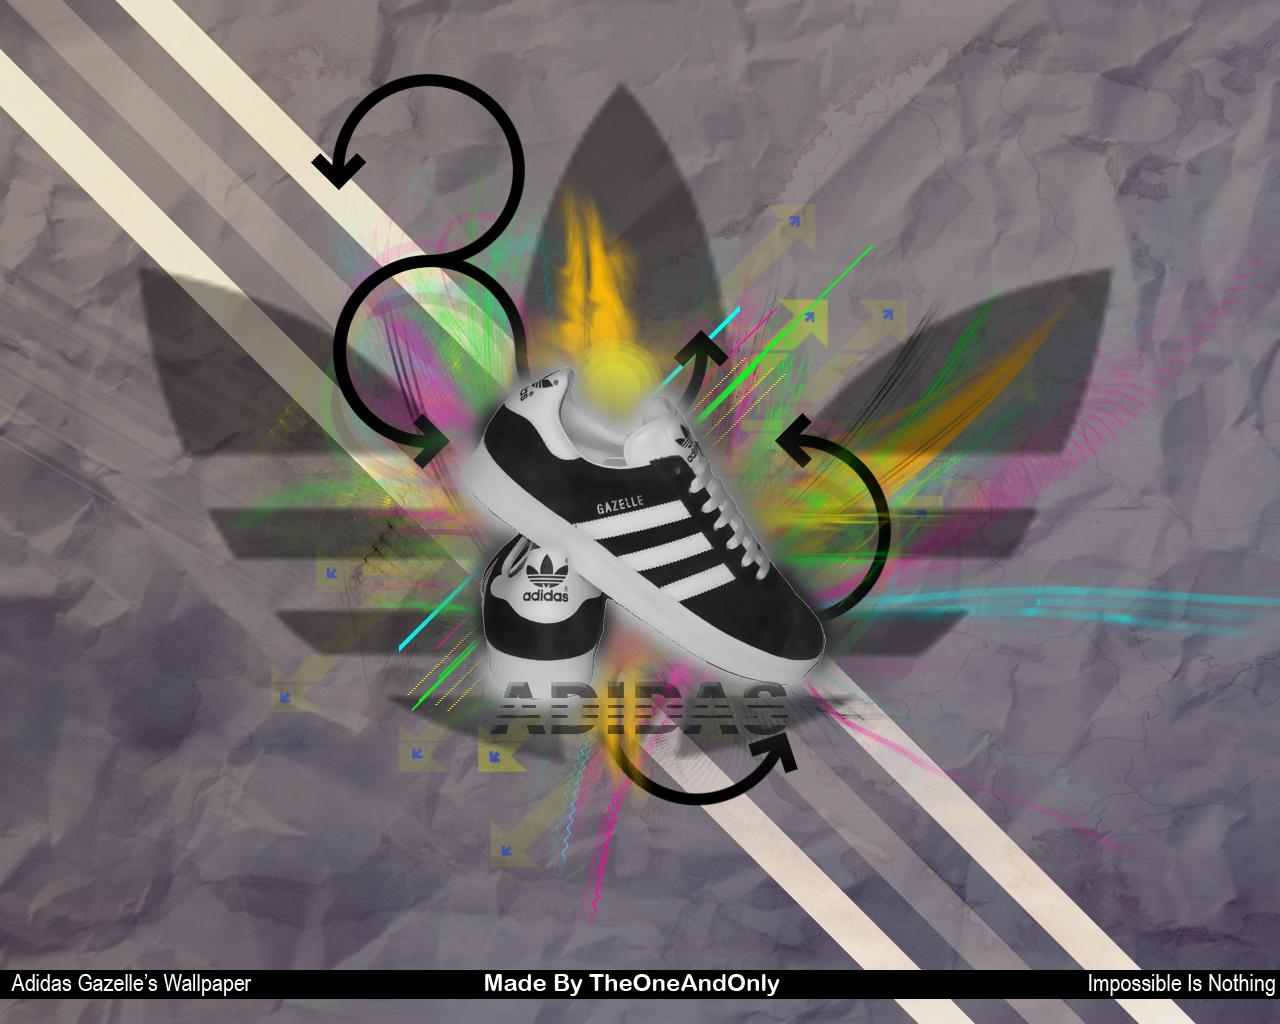 Mejores 100 Fondos De Nike: Las Mejores Imagenes Nike Y Adidas!